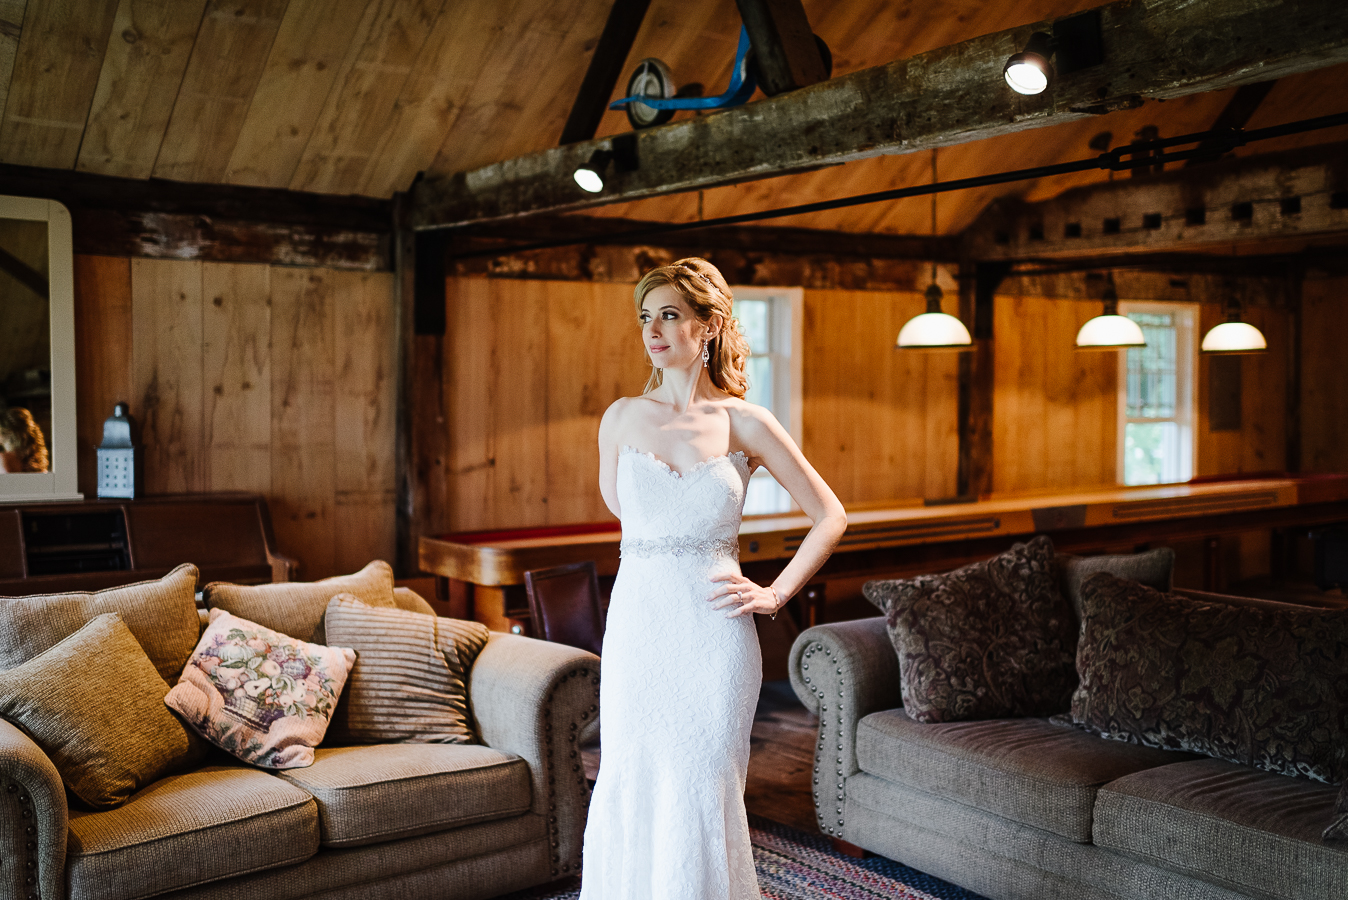 Stylish Crossed Keys Inn Wedding Crossed Keys Wedding Crossed Keys Inn Andover NJ Longbrook Photography-9.jpg